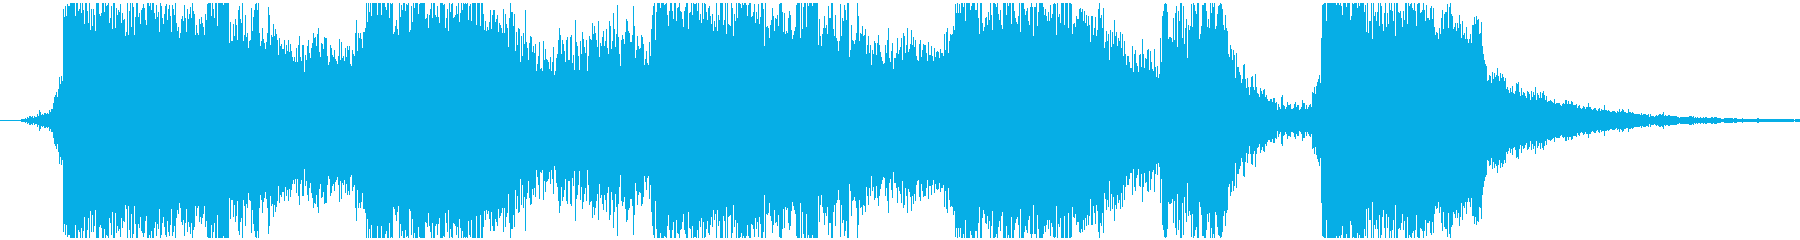 現代的 交響曲 エレクトロ 未来 ...の再生済みの波形